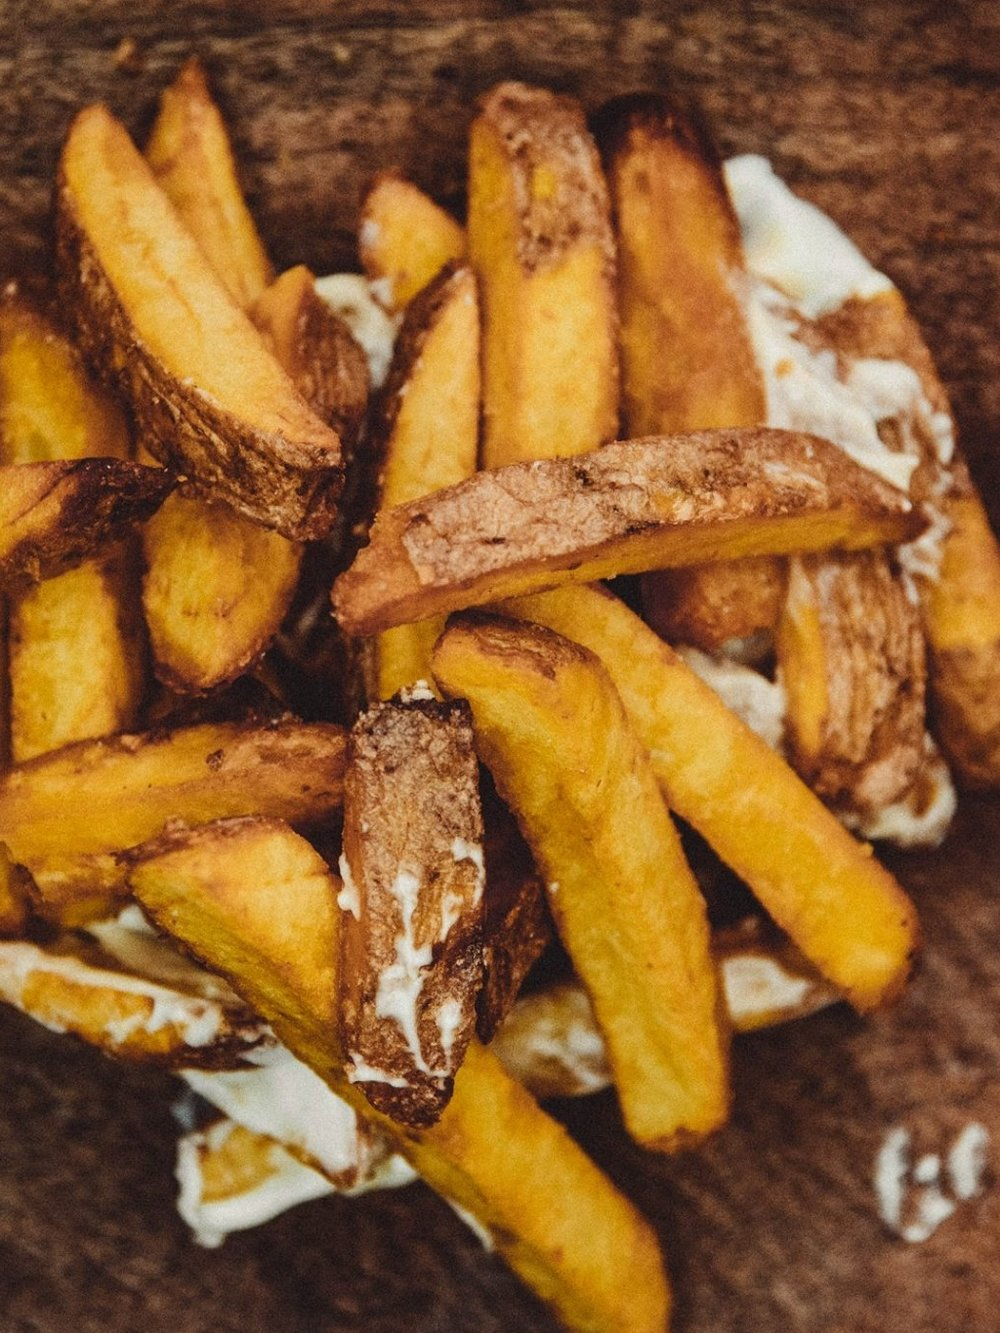 DOUBLE DUTCH - World famous fries!